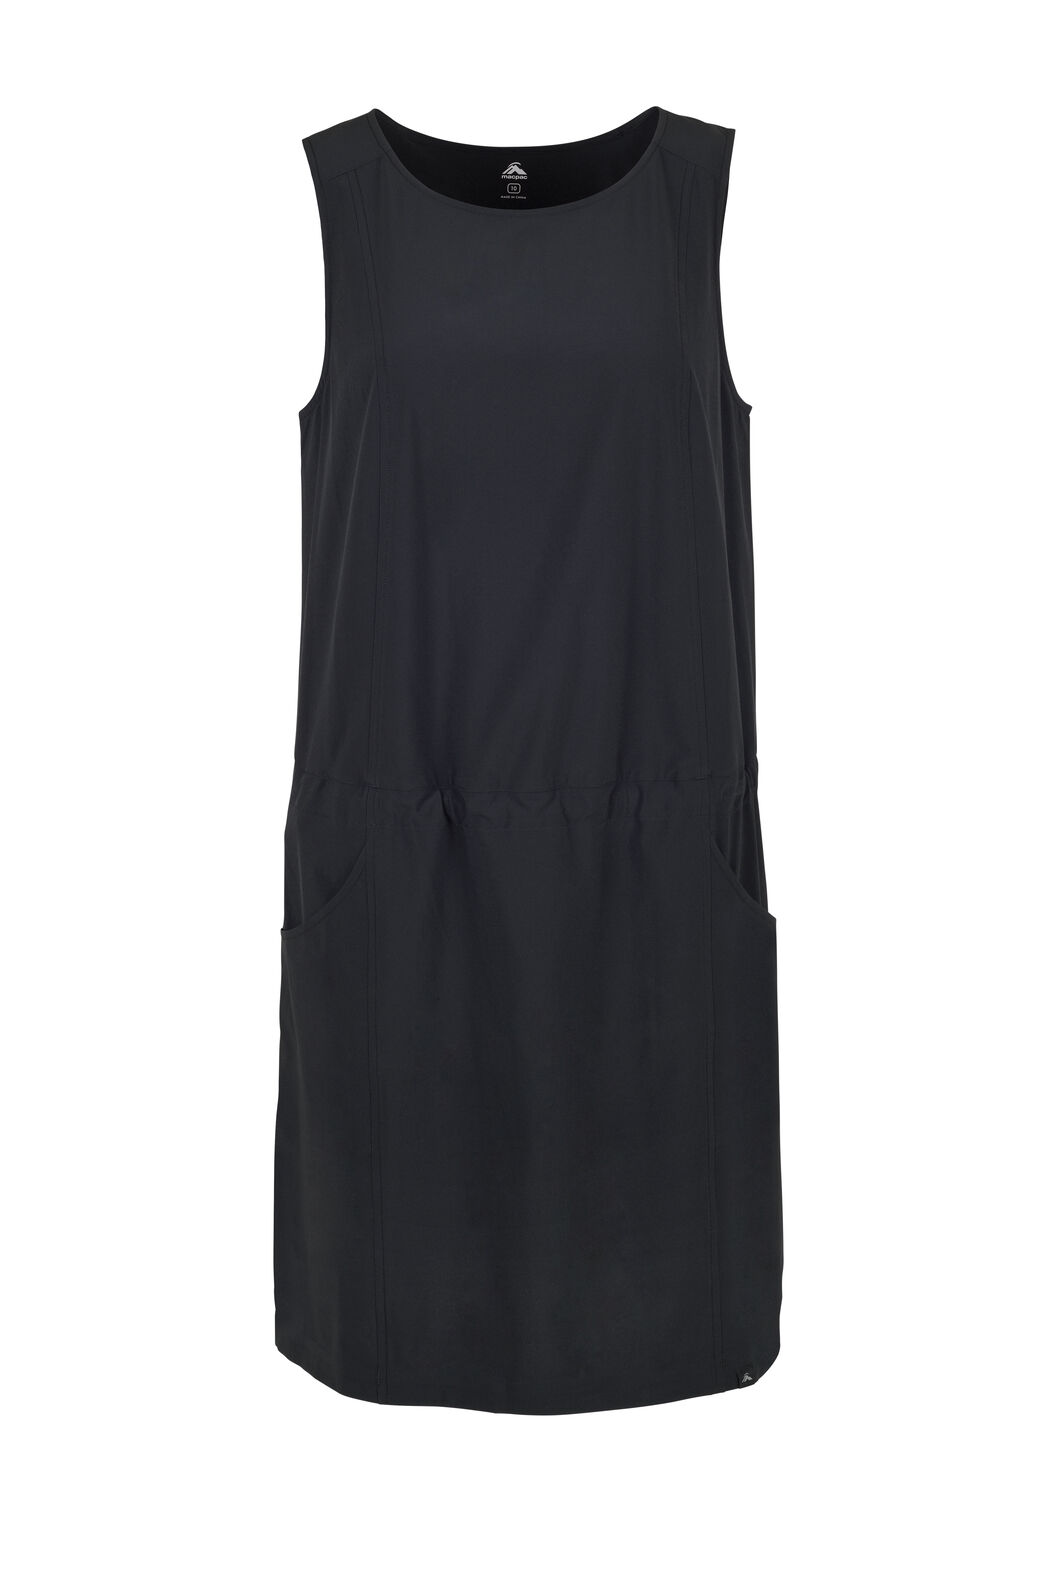 Macpac Mica Dress — Women's, Black, hi-res